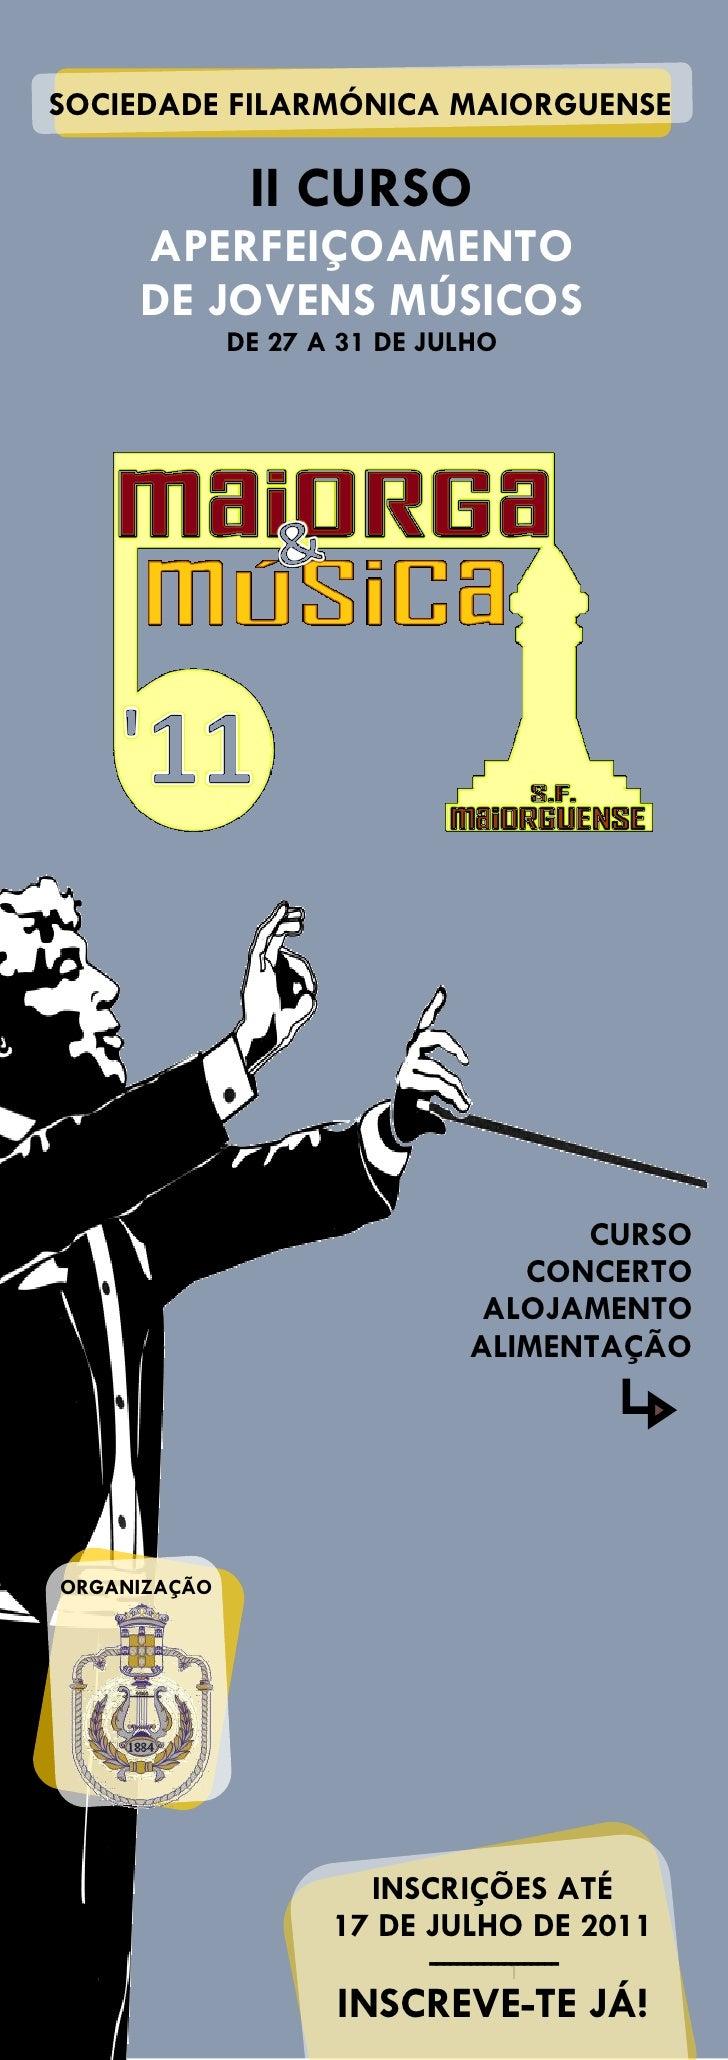 SOCIEDADE FILARMÓNICA MAIORGUENSE               II CURSO     APERFEIÇOAMENTO     DE JOVENS MÚSICOS              DE 27 A 31...